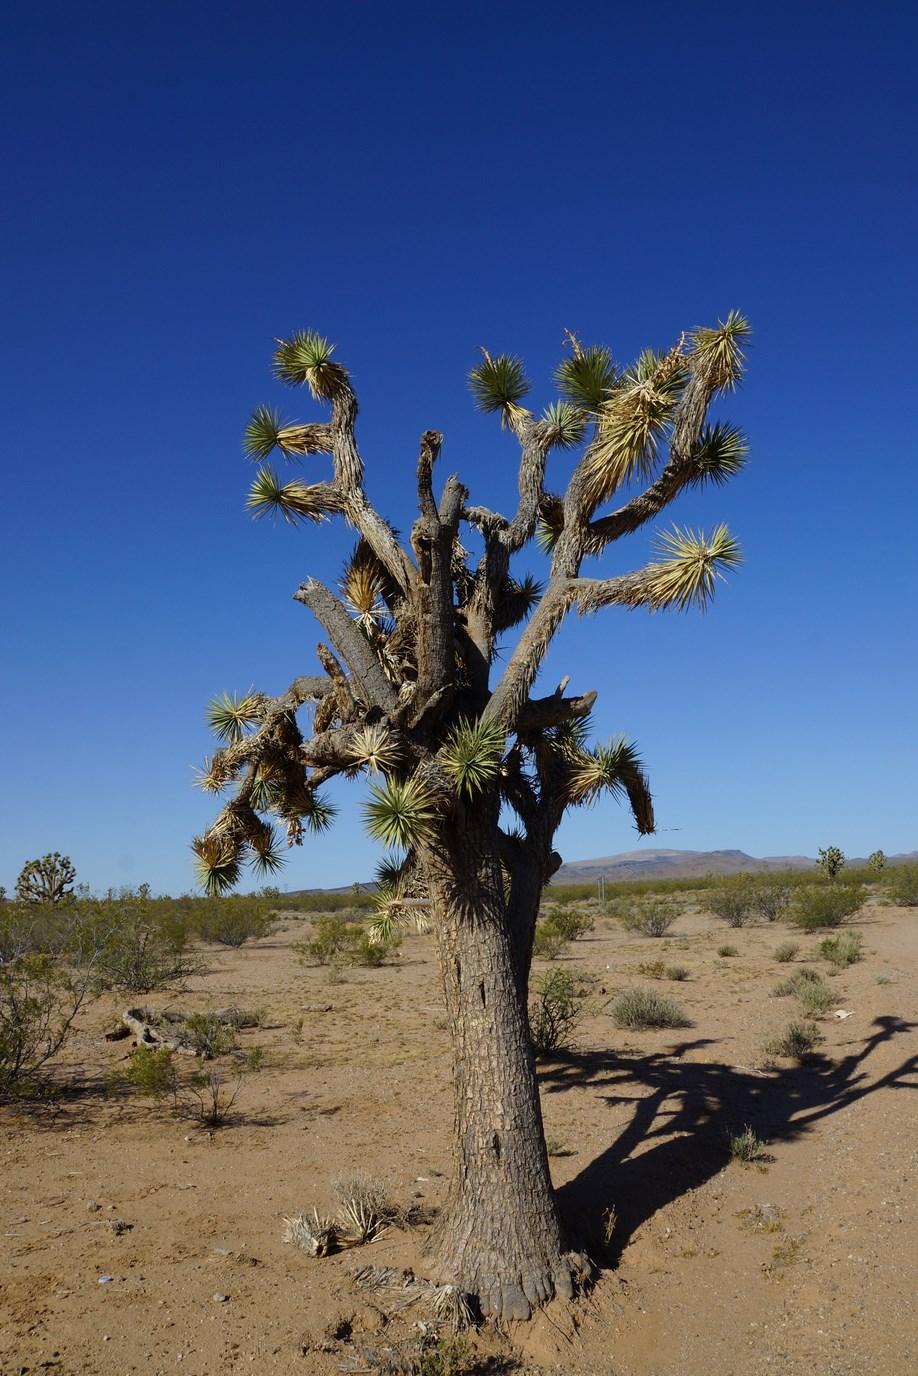 L'arbre de Joshua, un des rares êtres en vie sur la route désertique